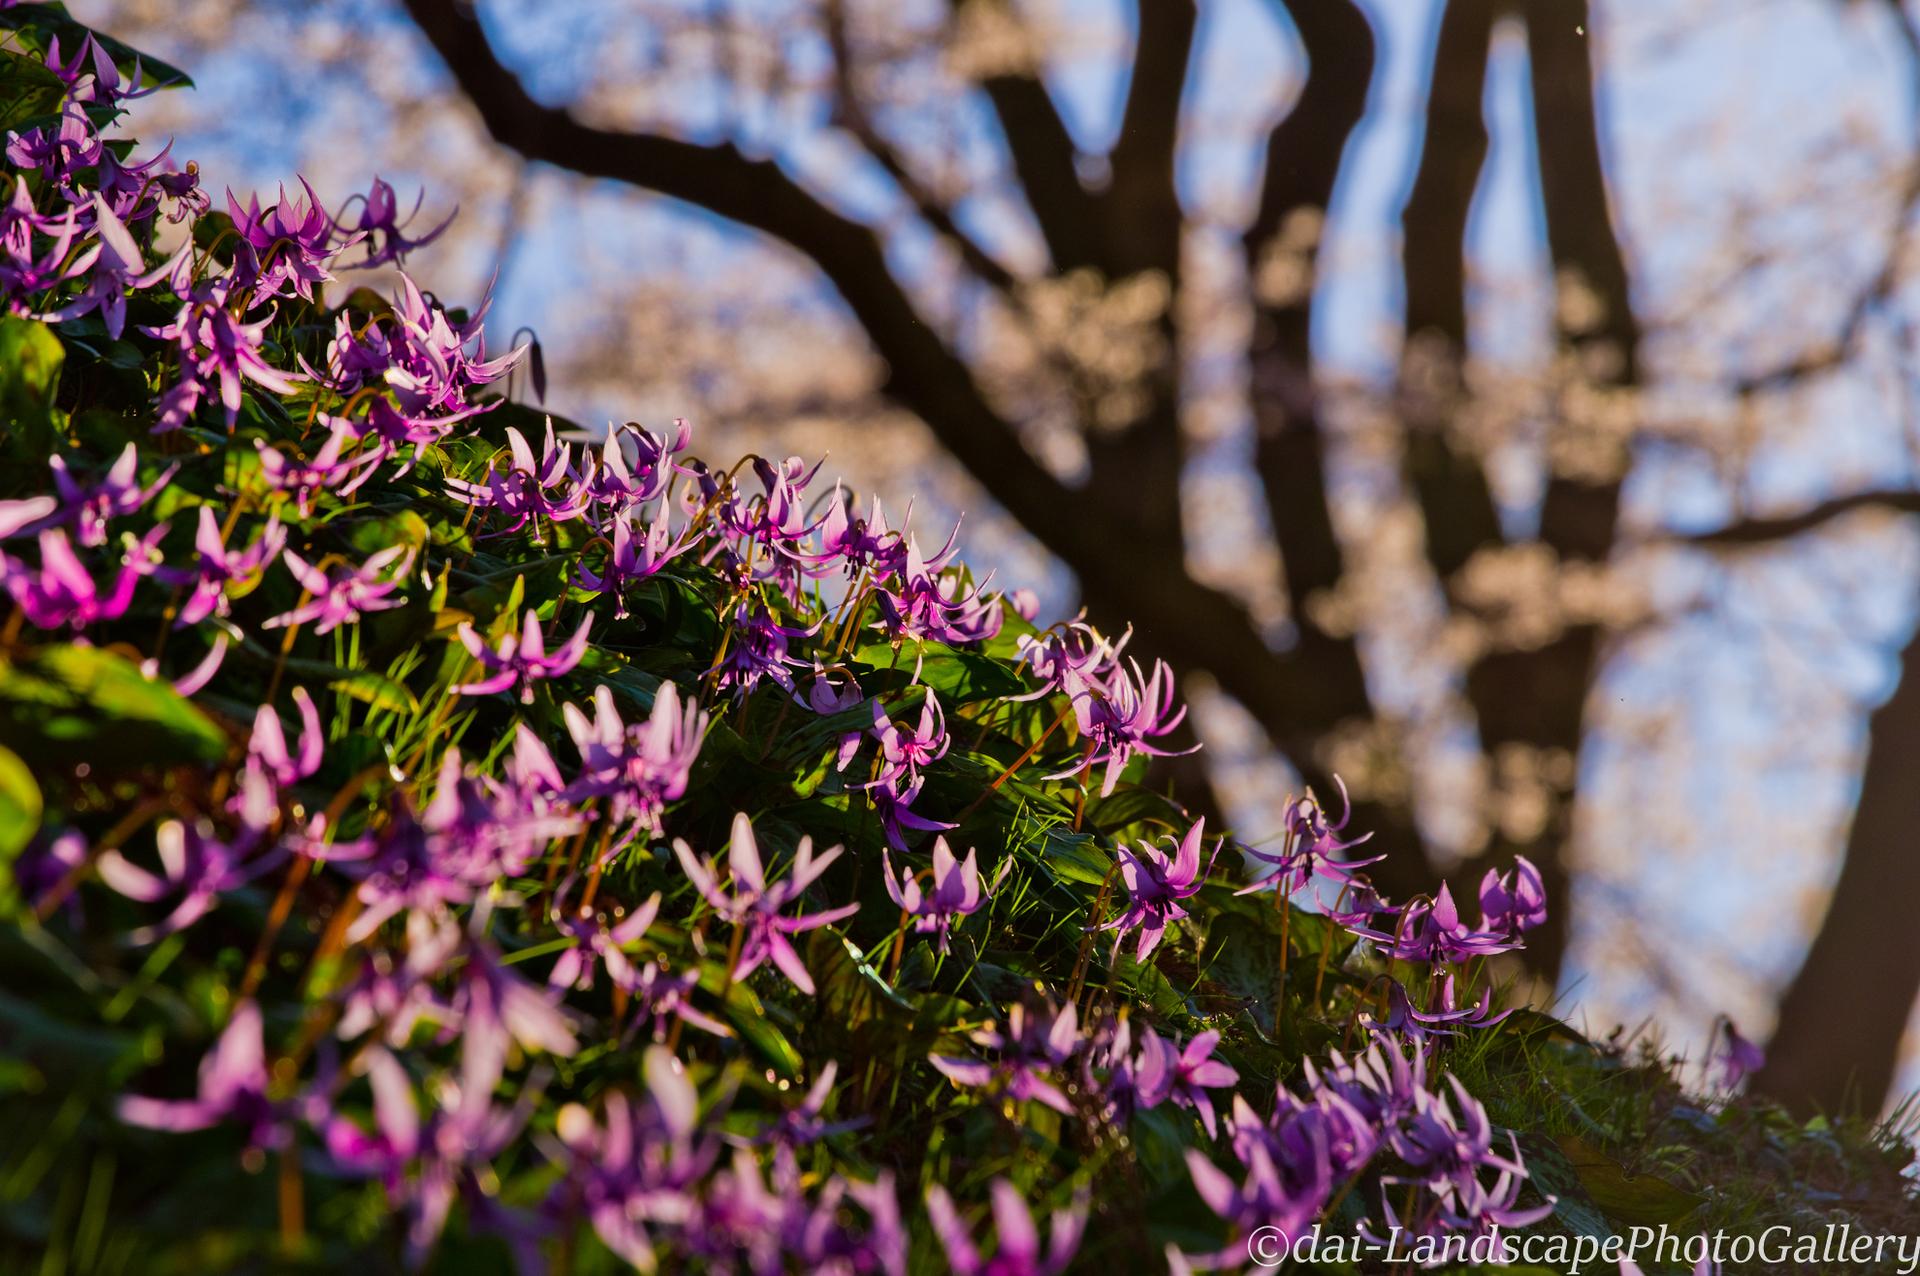 カタクリの花と氏邦桜